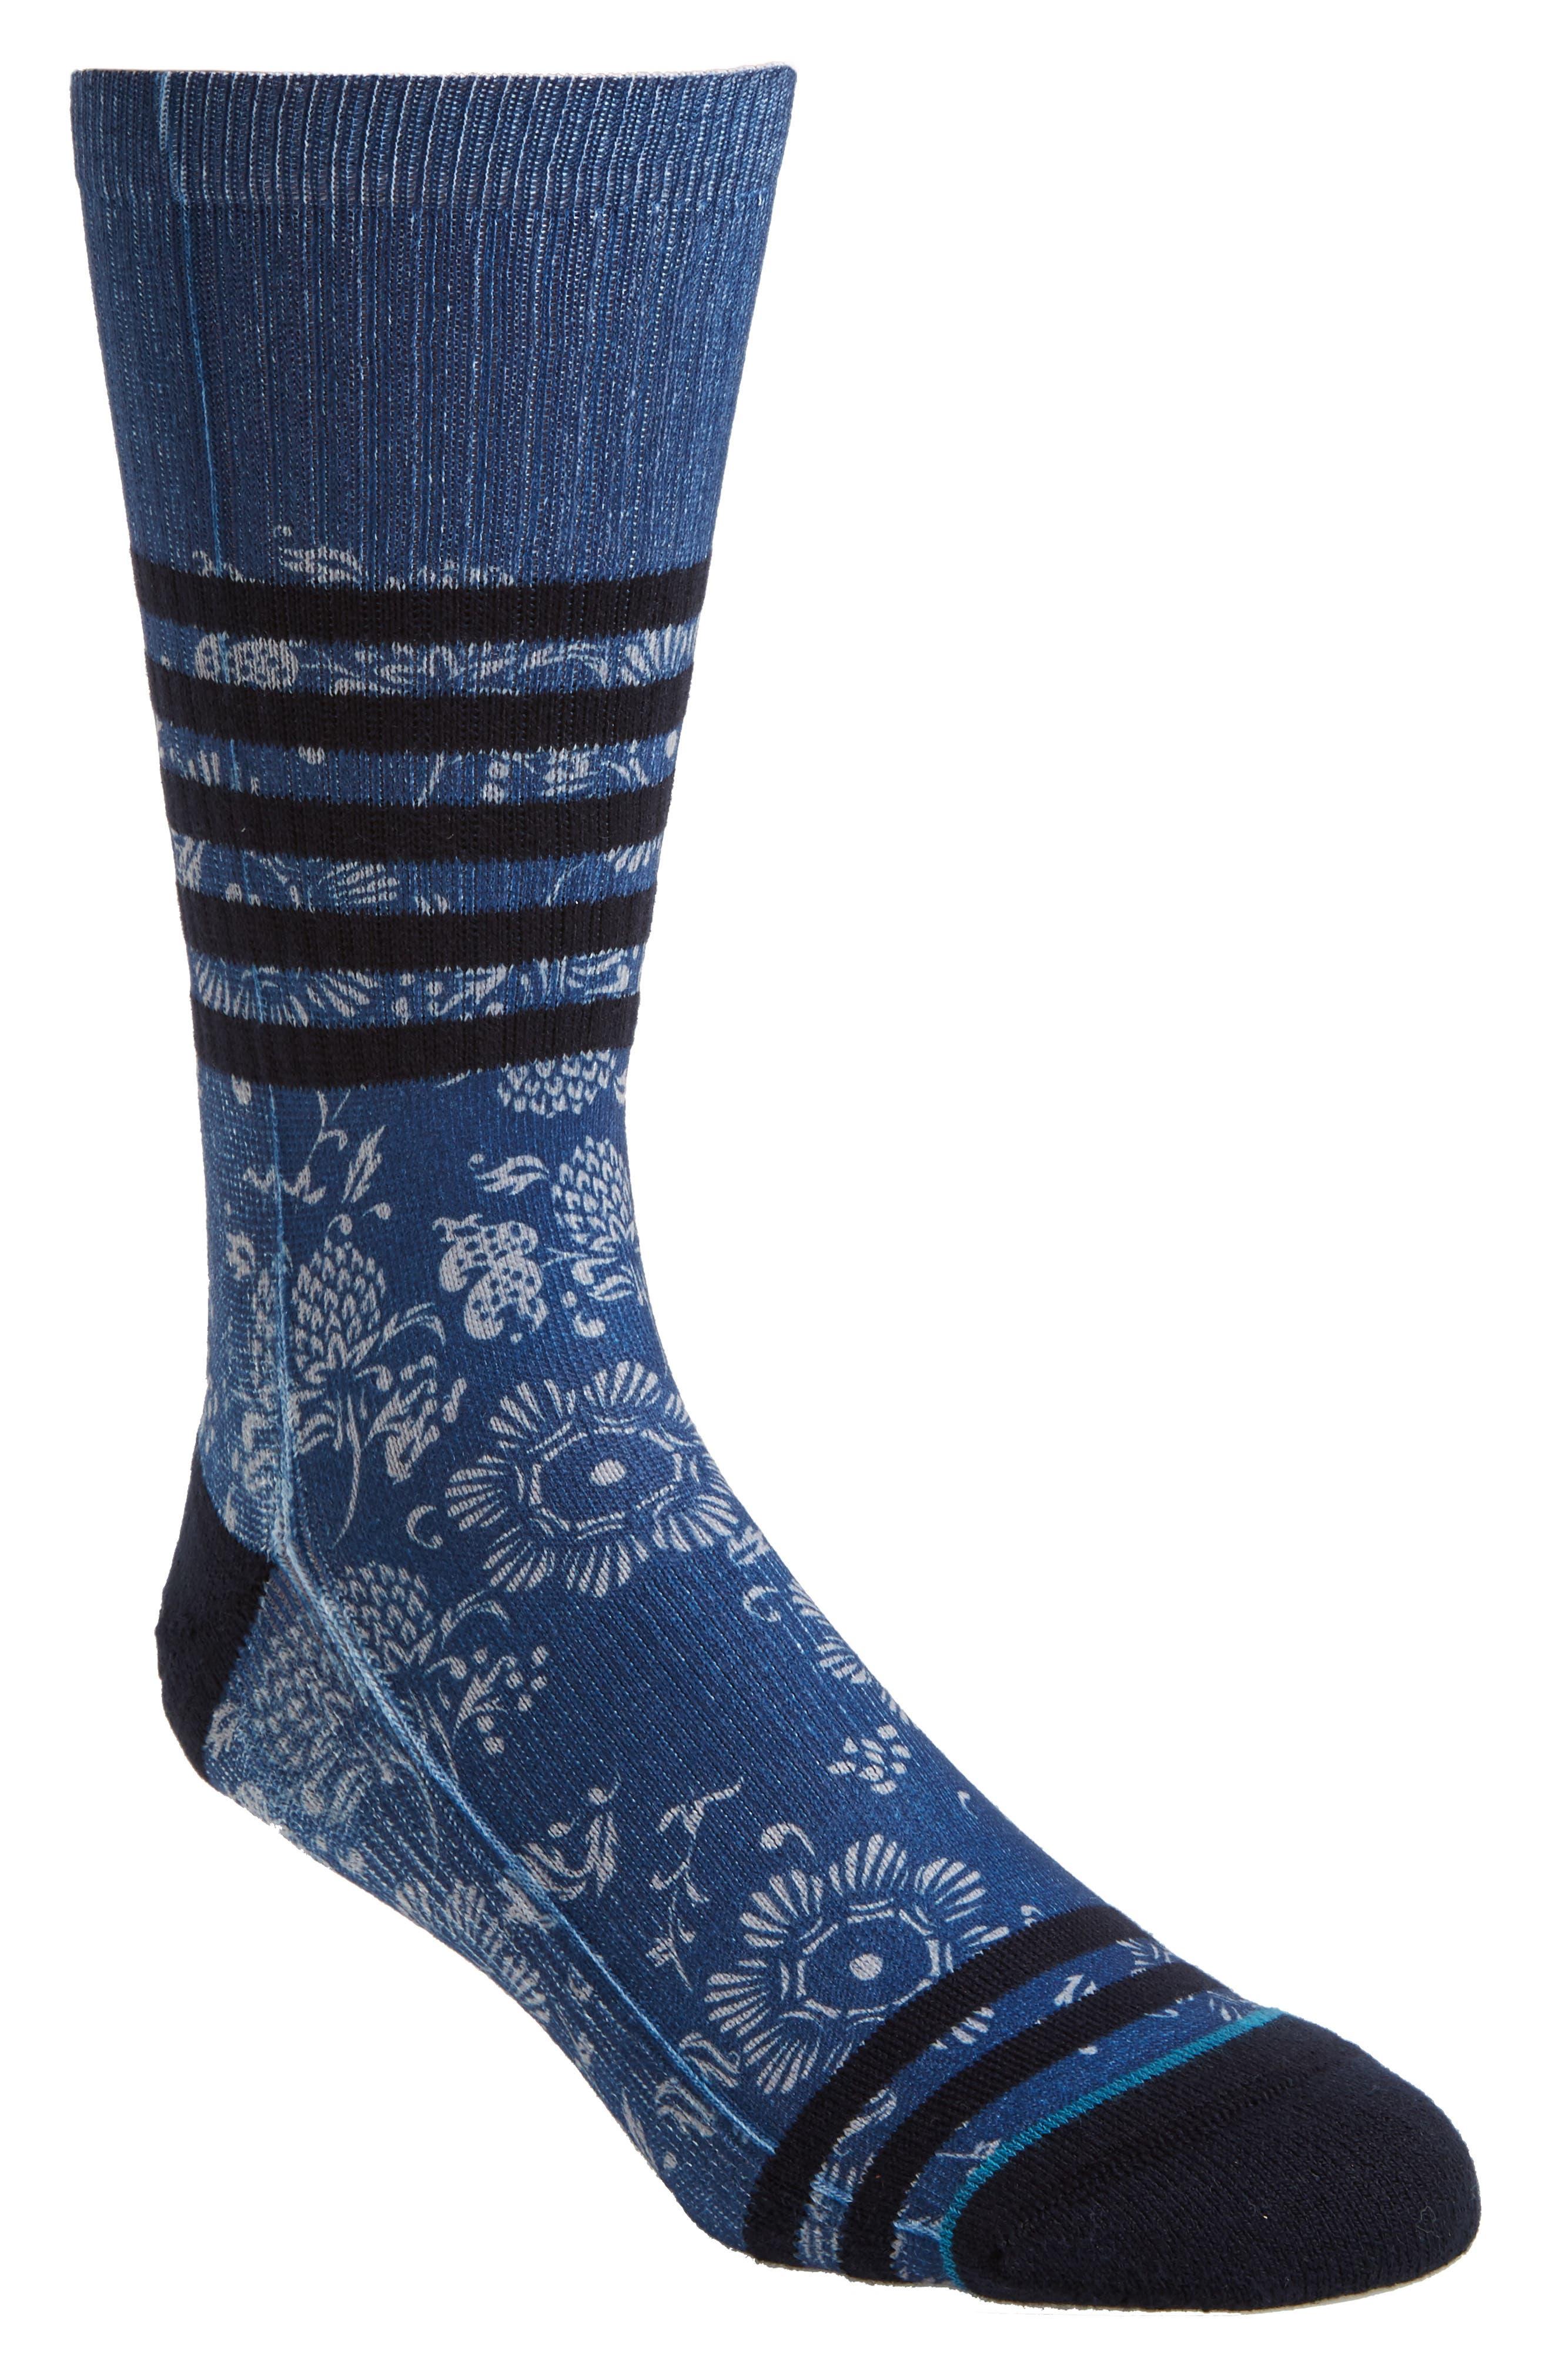 Briar Socks,                             Main thumbnail 1, color,                             Periwinkle